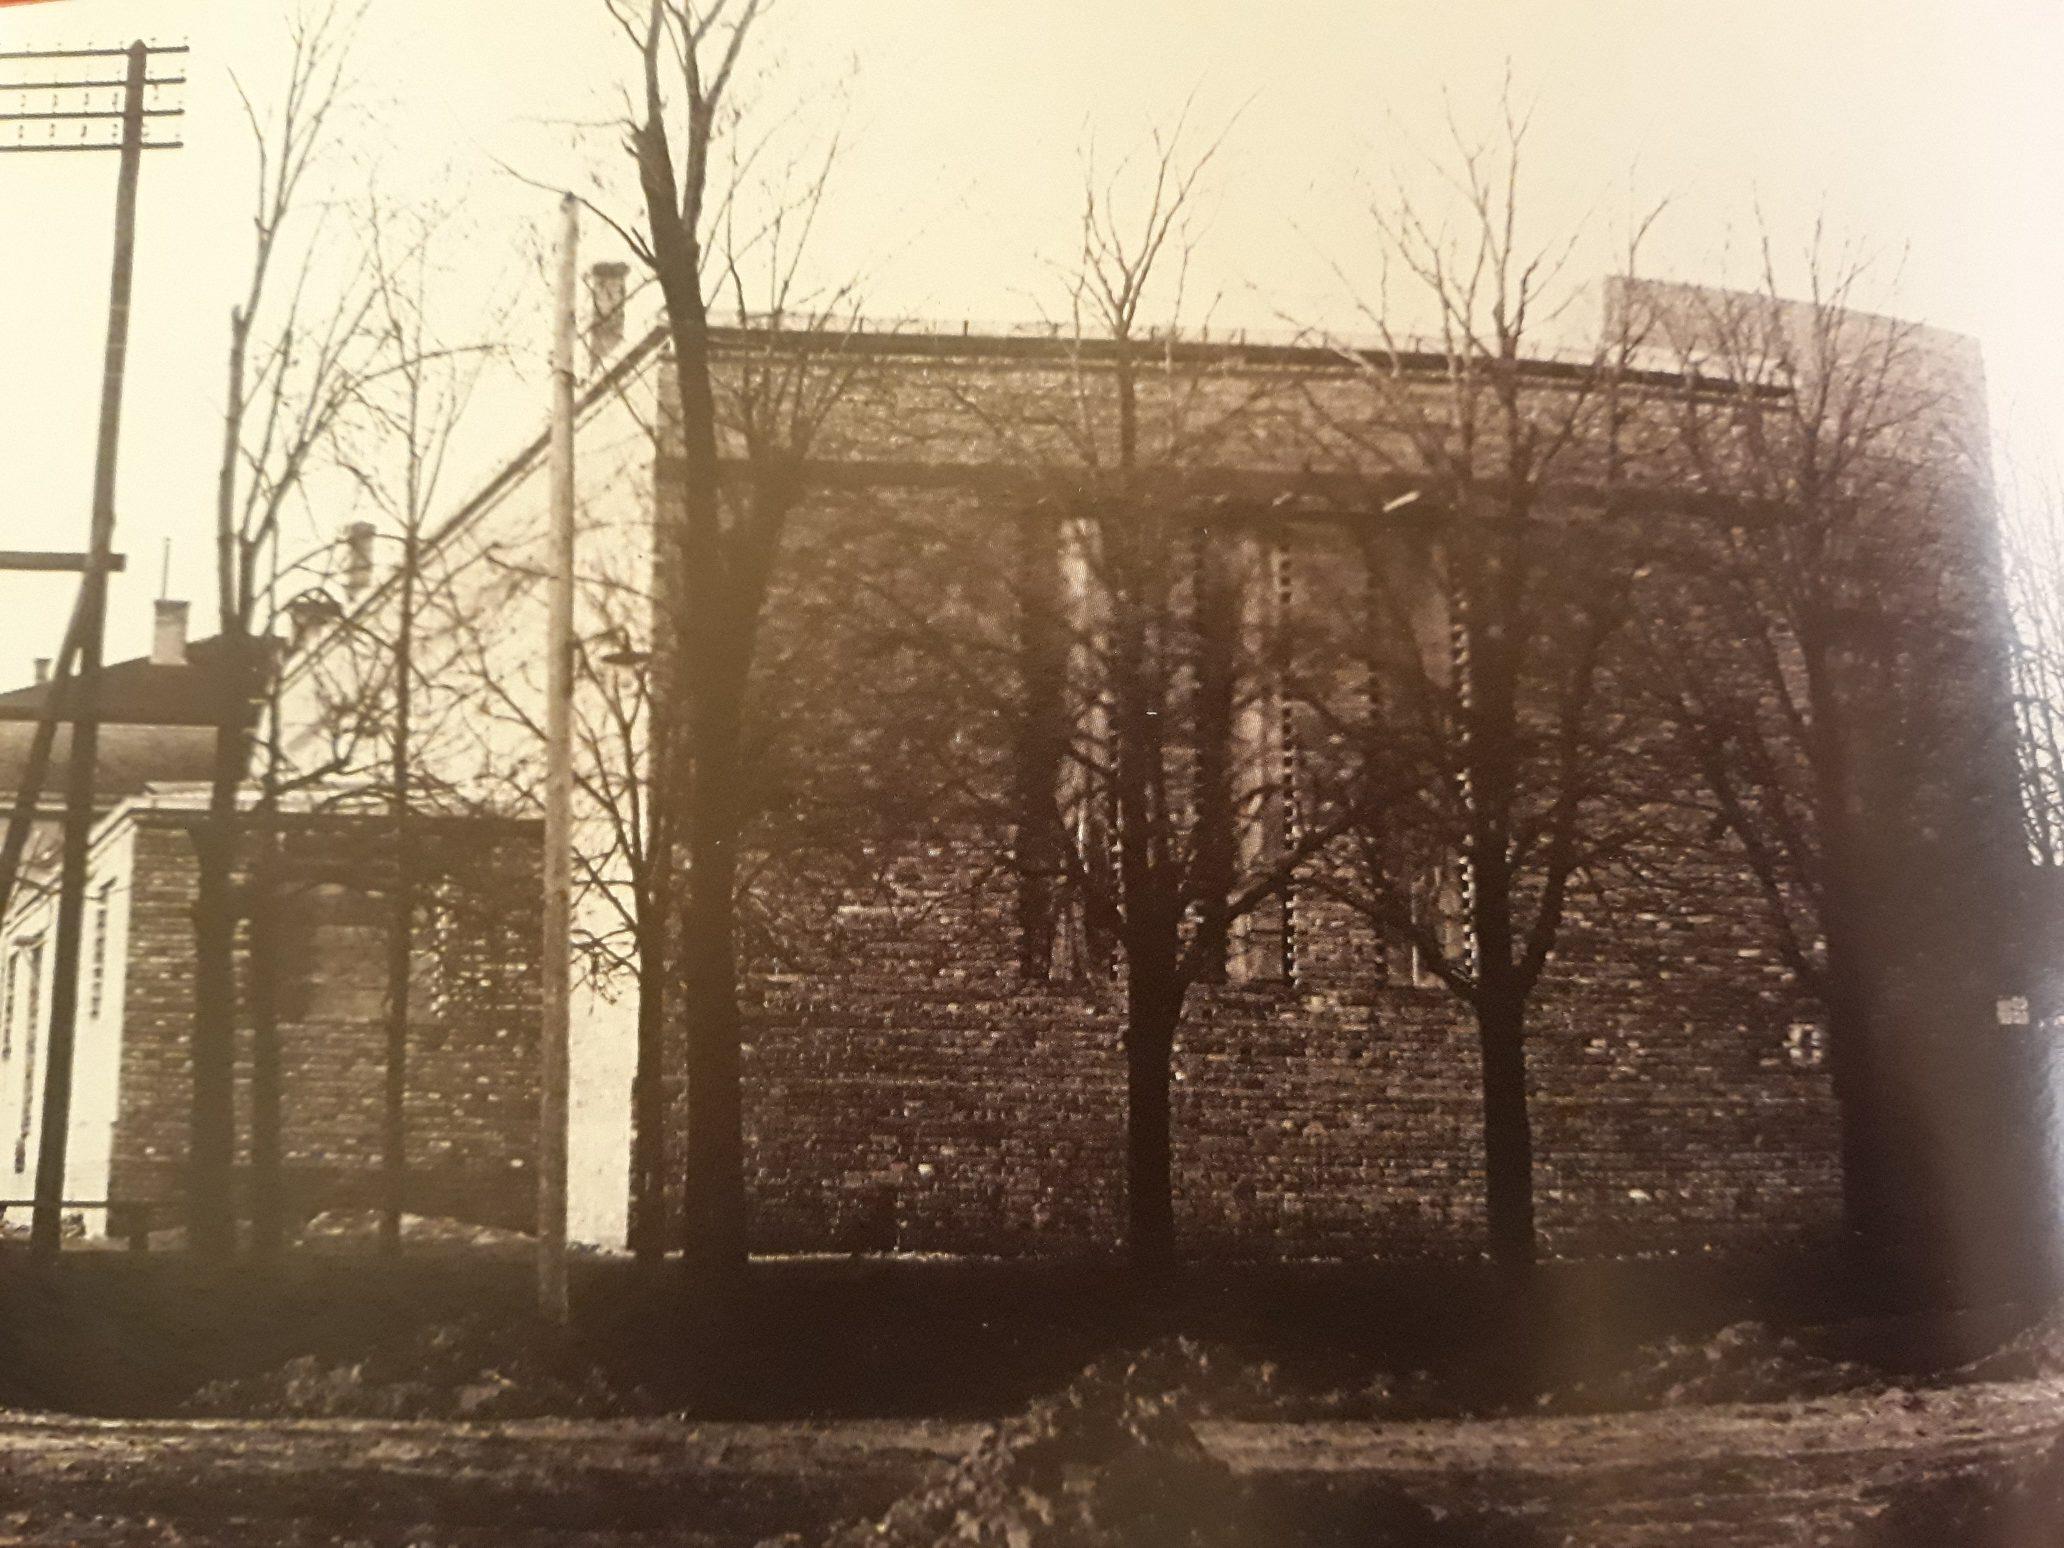 IZ ARHIVE: Sokolski dom u Inđiji otvoren uz džez igranku 1939. godine